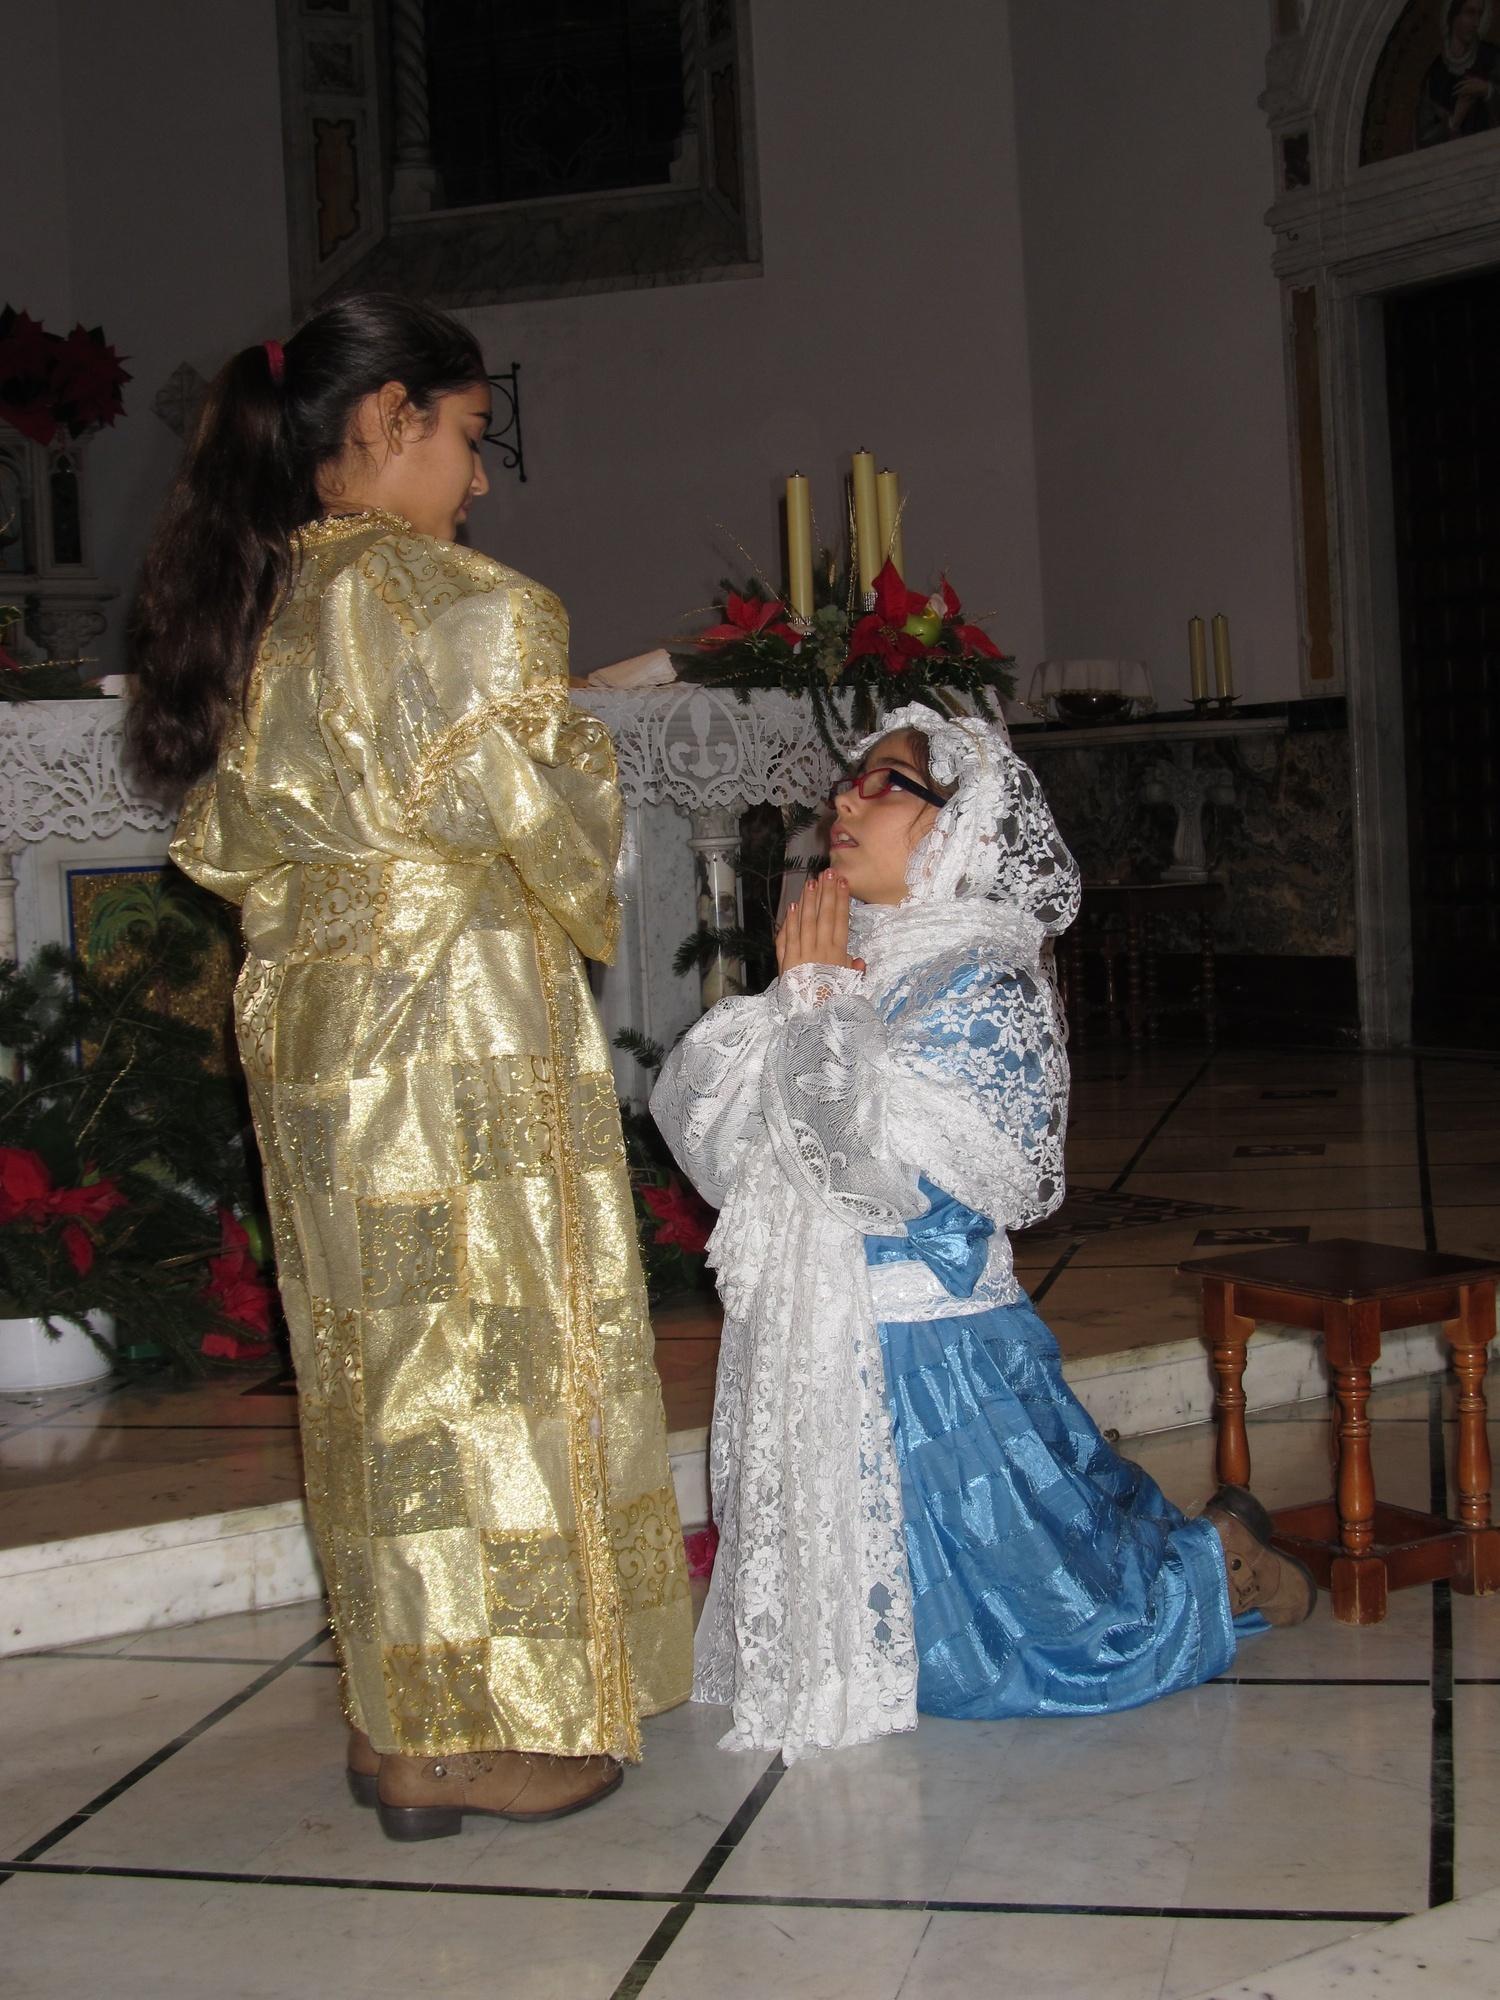 recita-catechismo-natale-mezzanotte-2015-12-25-00-04-36